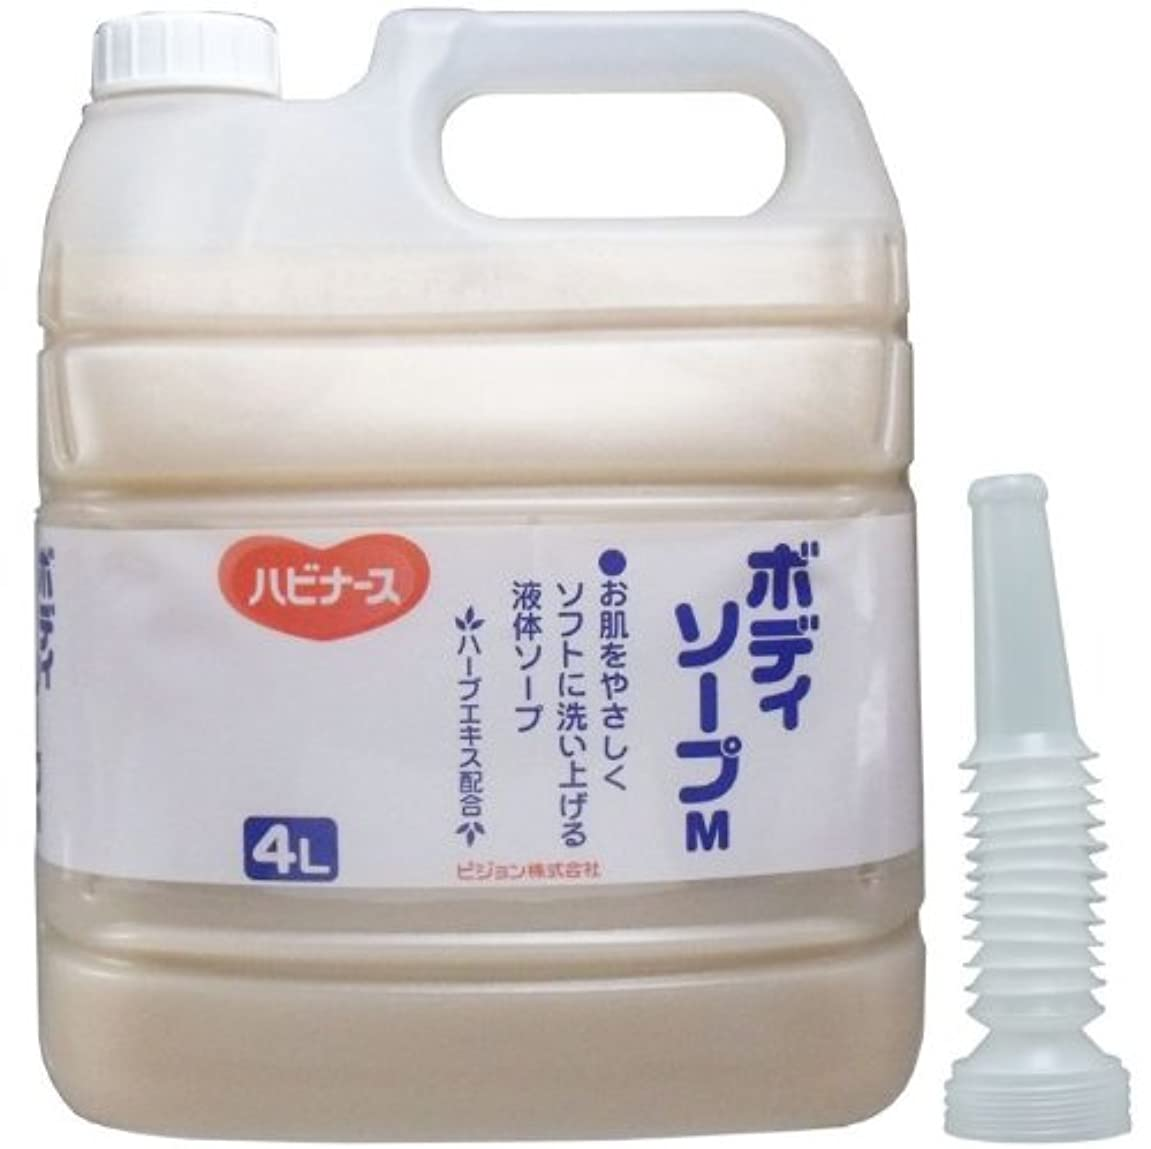 半径偏心カンガルー液体ソープ ボディソープ 風呂 石ケン お肌をやさしくソフトに洗い上げる!業務用 4L【2個セット】